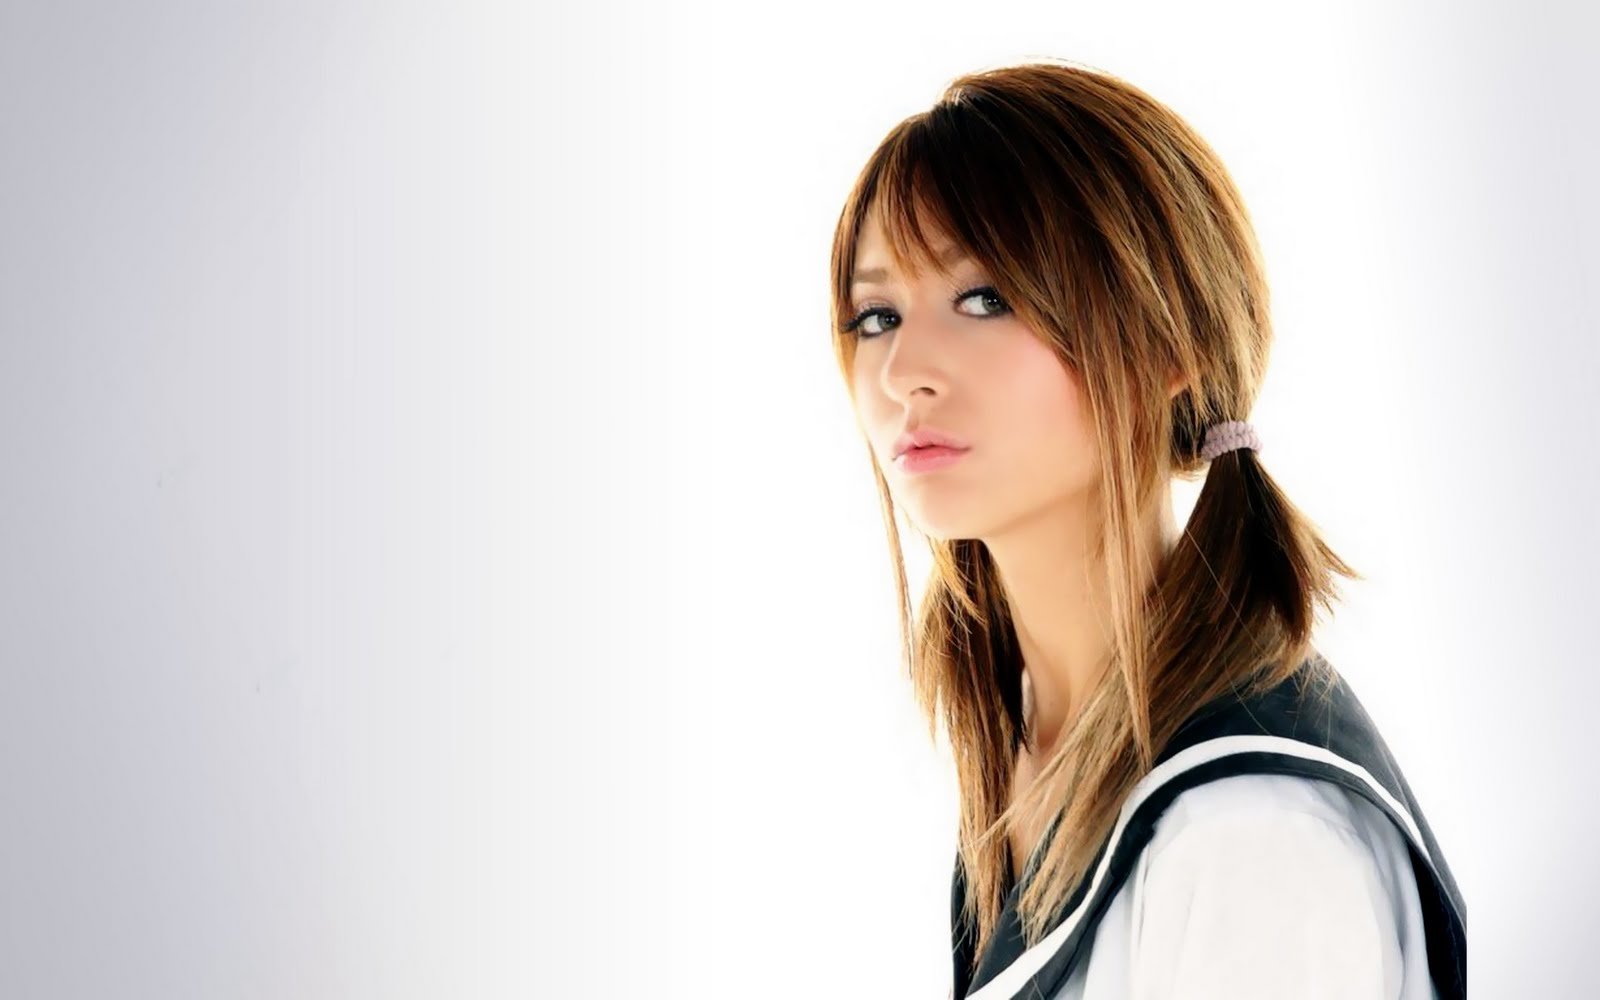 http://3.bp.blogspot.com/-cEXJInLUGW8/TsJ1NsYk5WI/AAAAAAAAAQk/jnfUF_FIG7o/s1600/Beauty%2B3.jpg